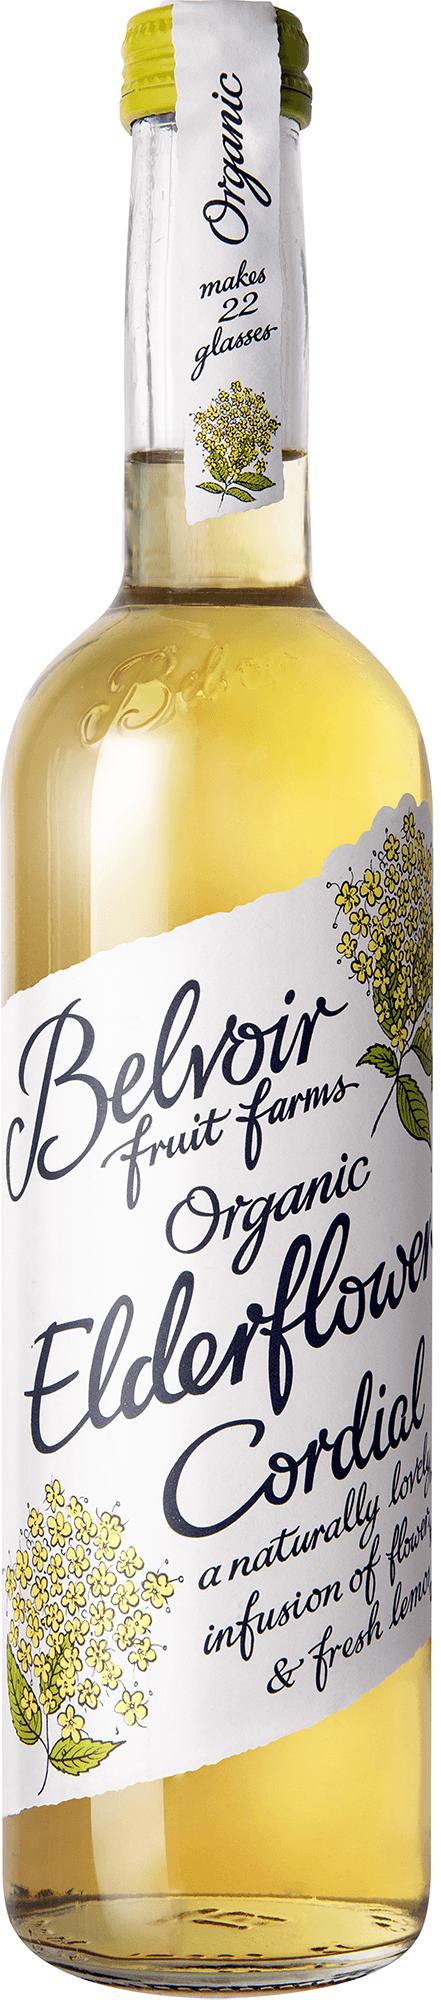 Belvoir Organic Elderflower